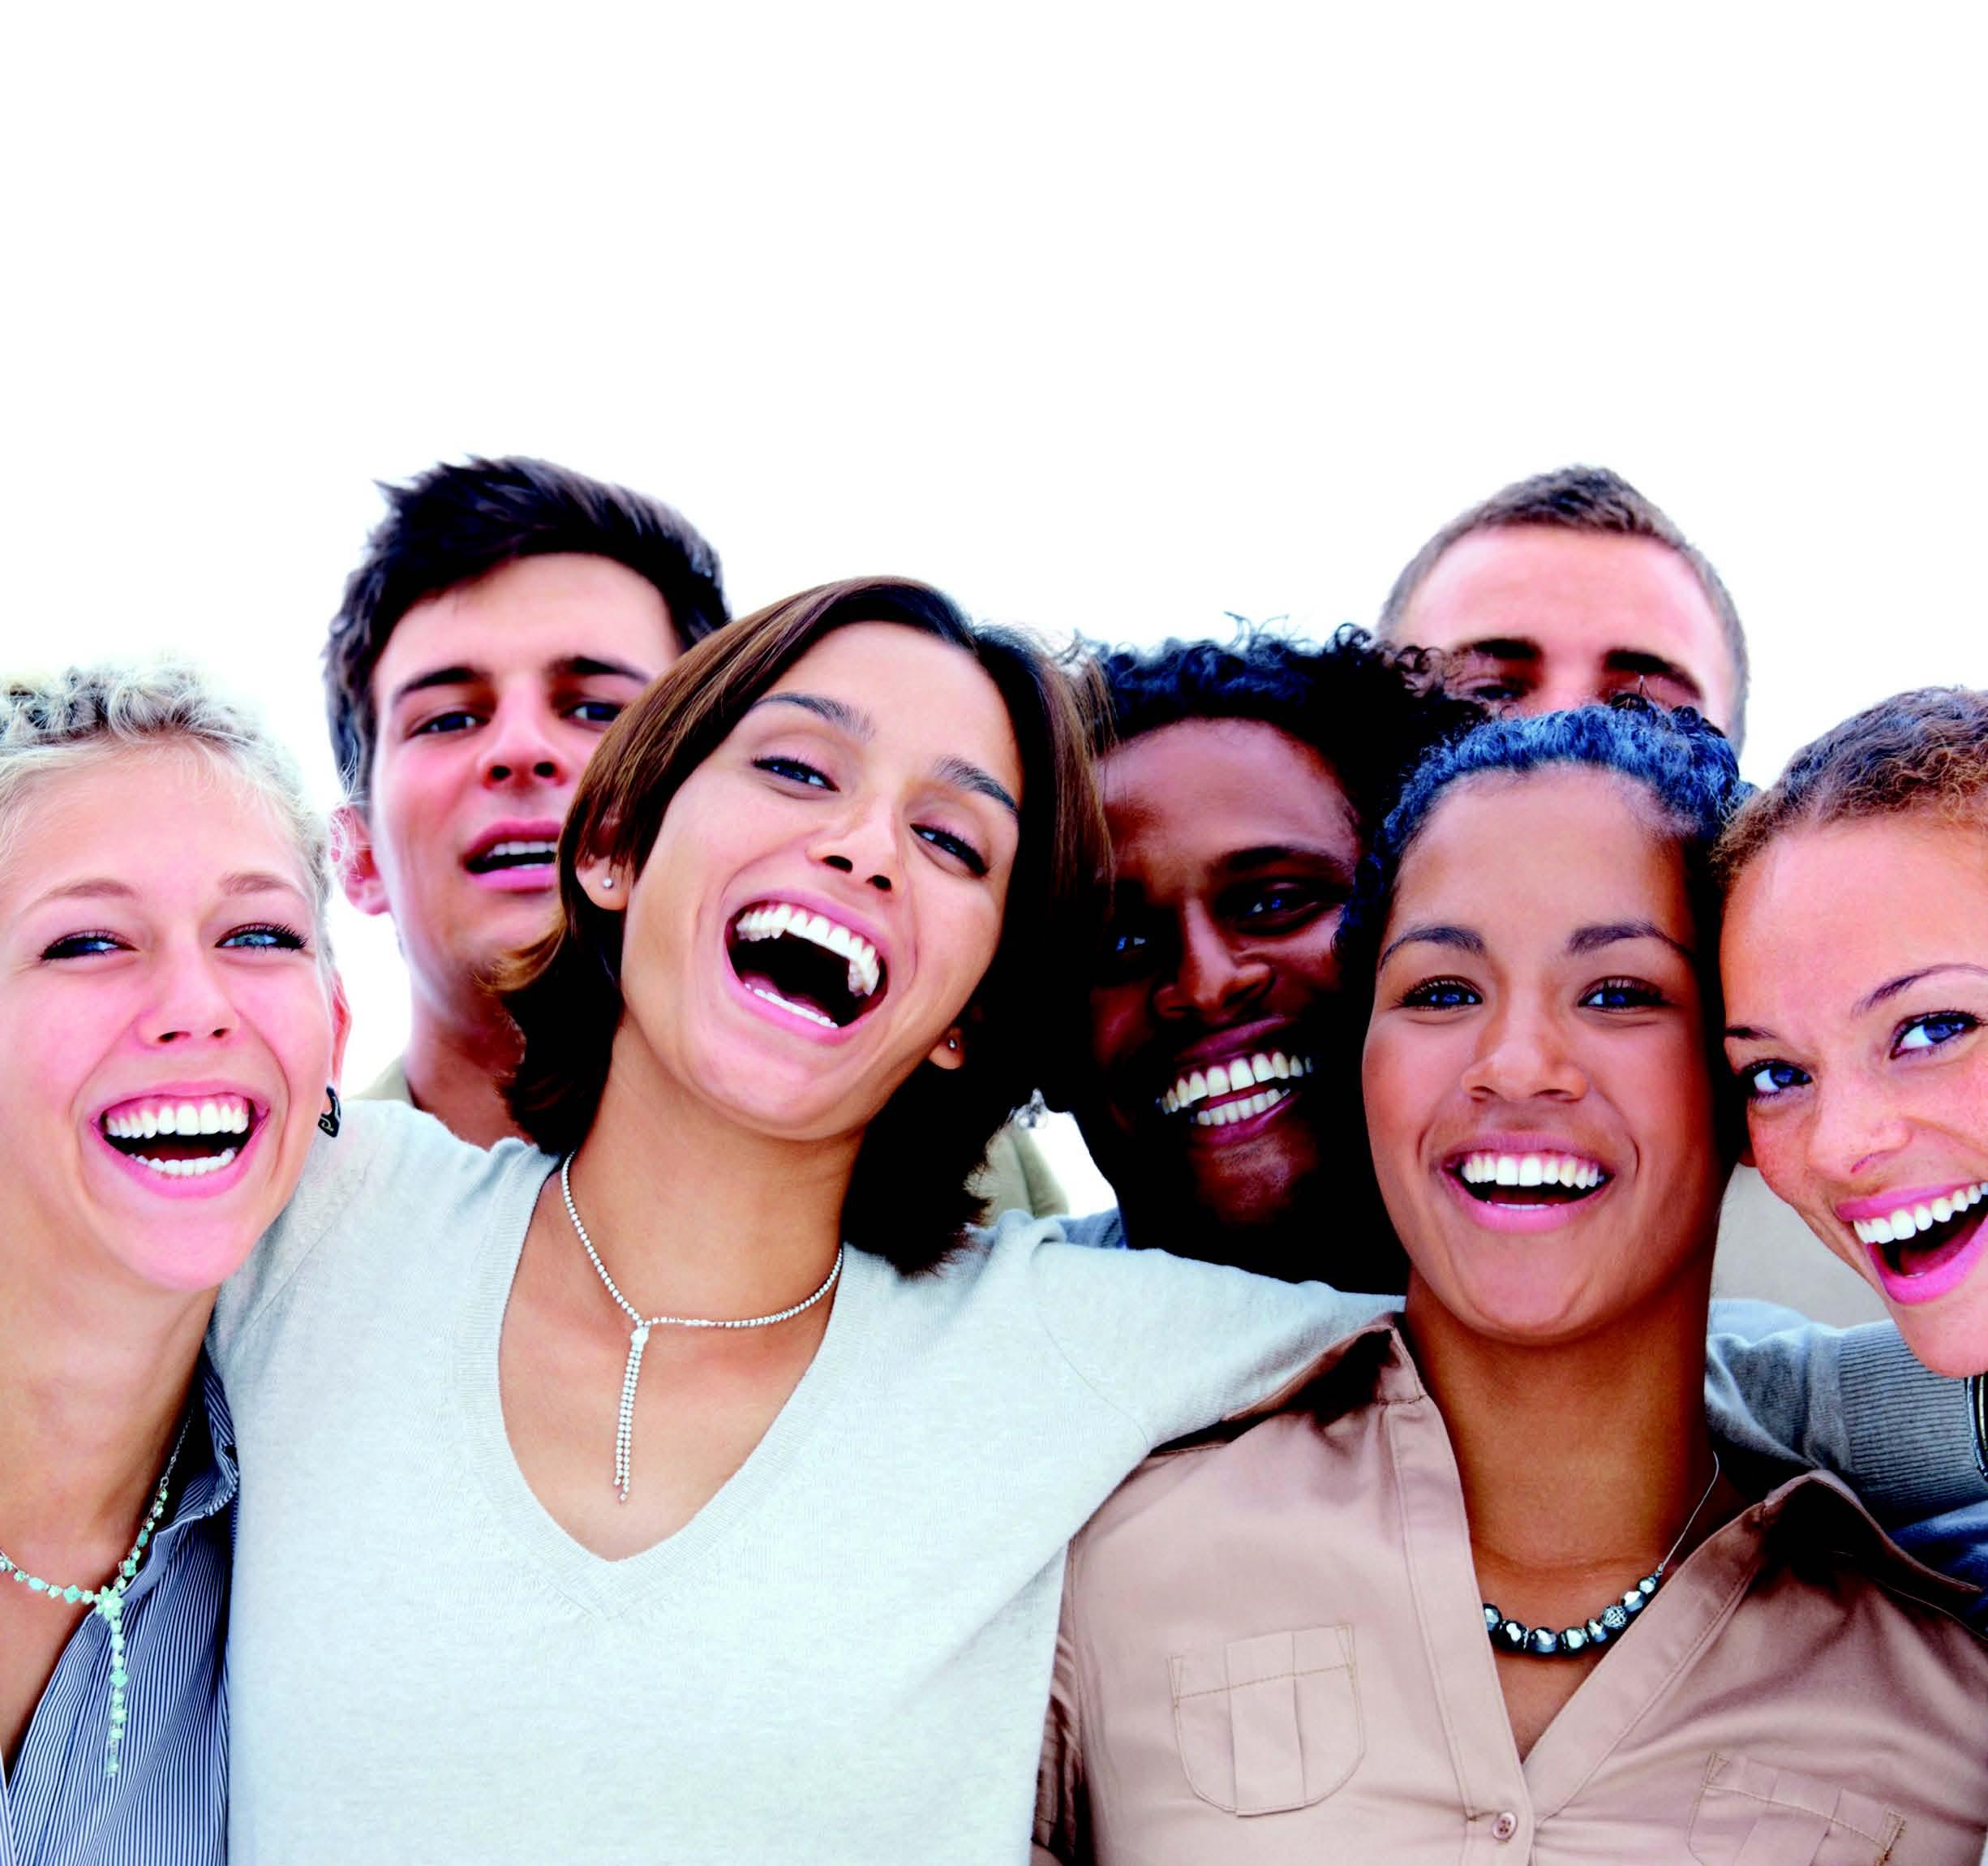 Les clés pour bien s'épanouir dans la vie associative